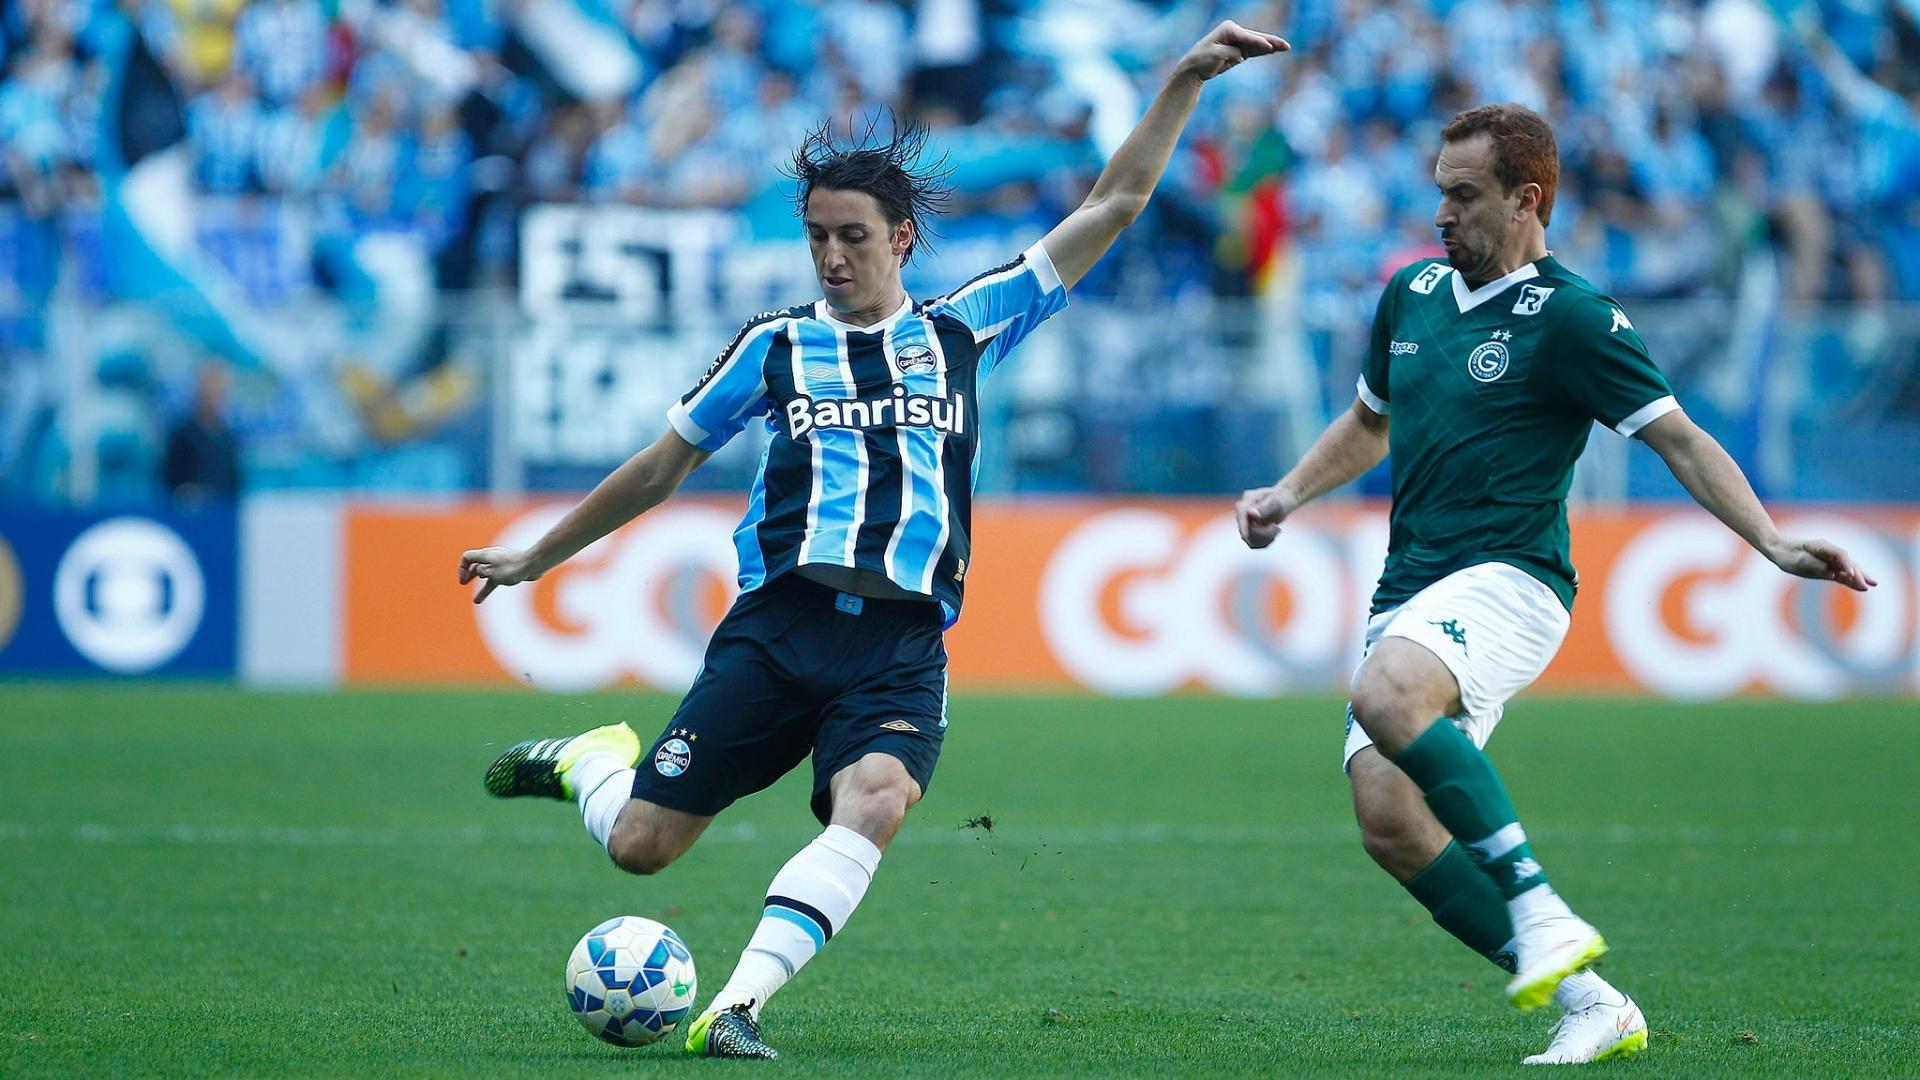 Geromel (esq.), do Grêmio, disputa lance com Zé Love, do Goiás, em partida neste domingo (6), pela Série A do Campeonato Brasileiro